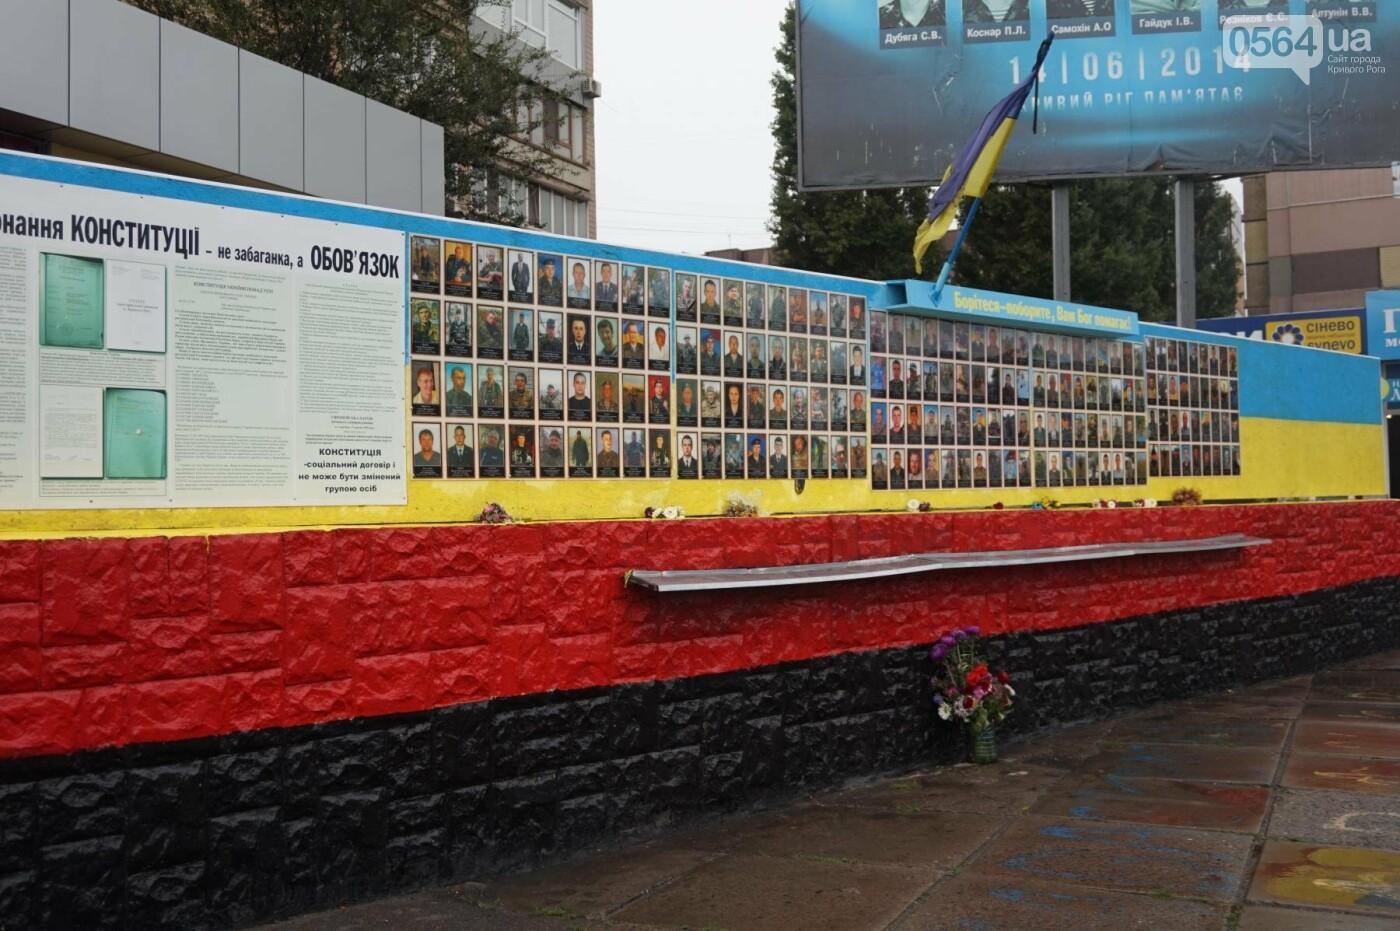 Центр Кривого Рога раскрашивают в красно-черный и сине-желтый цвета, - ФОТО , фото-10